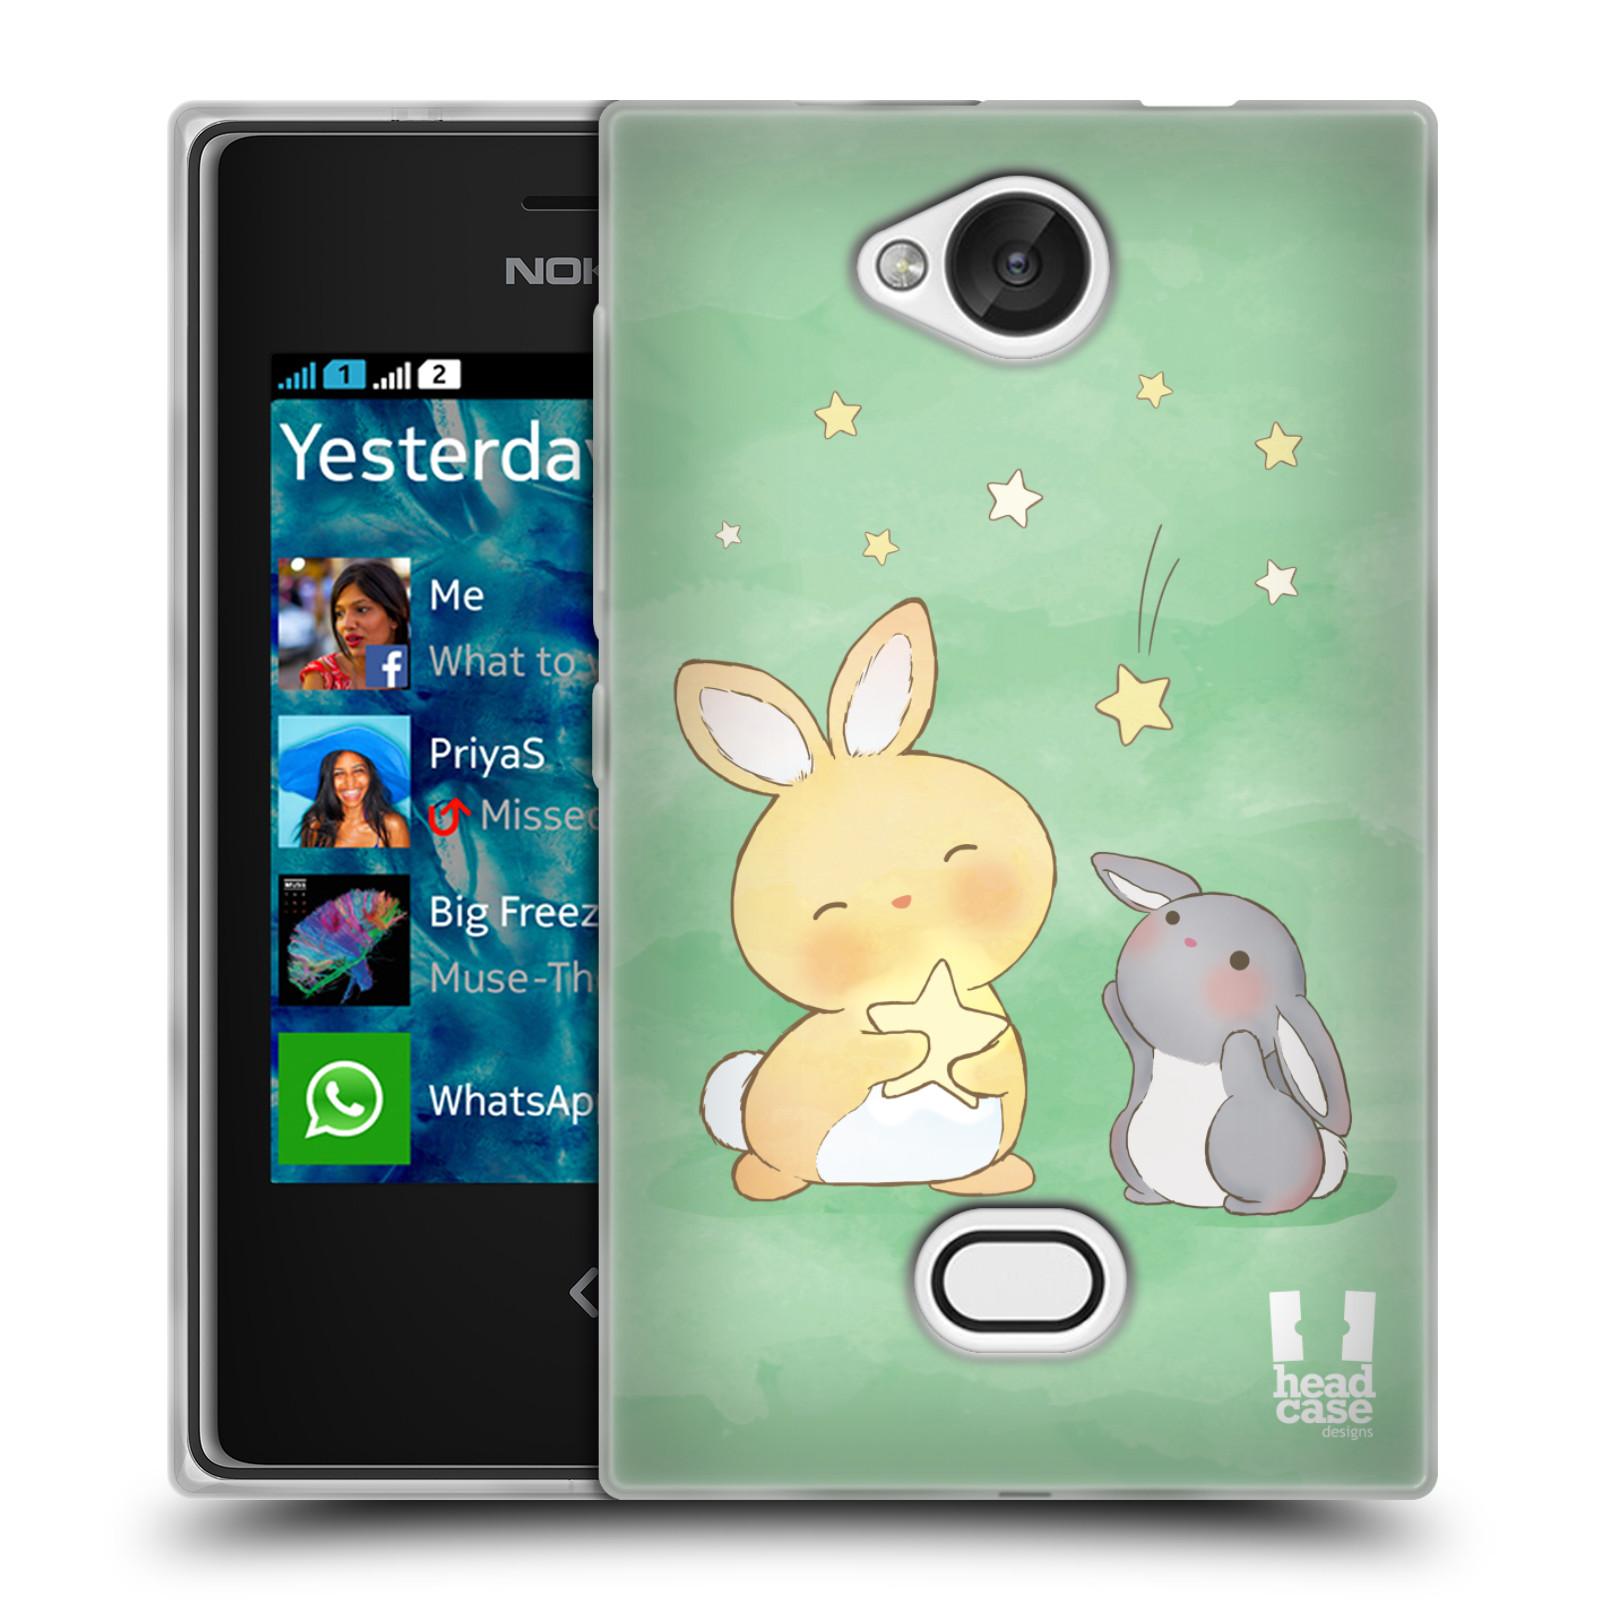 HEAD CASE silikonový obal na mobil NOKIA Asha 503 vzor králíček a hvězdy zelená